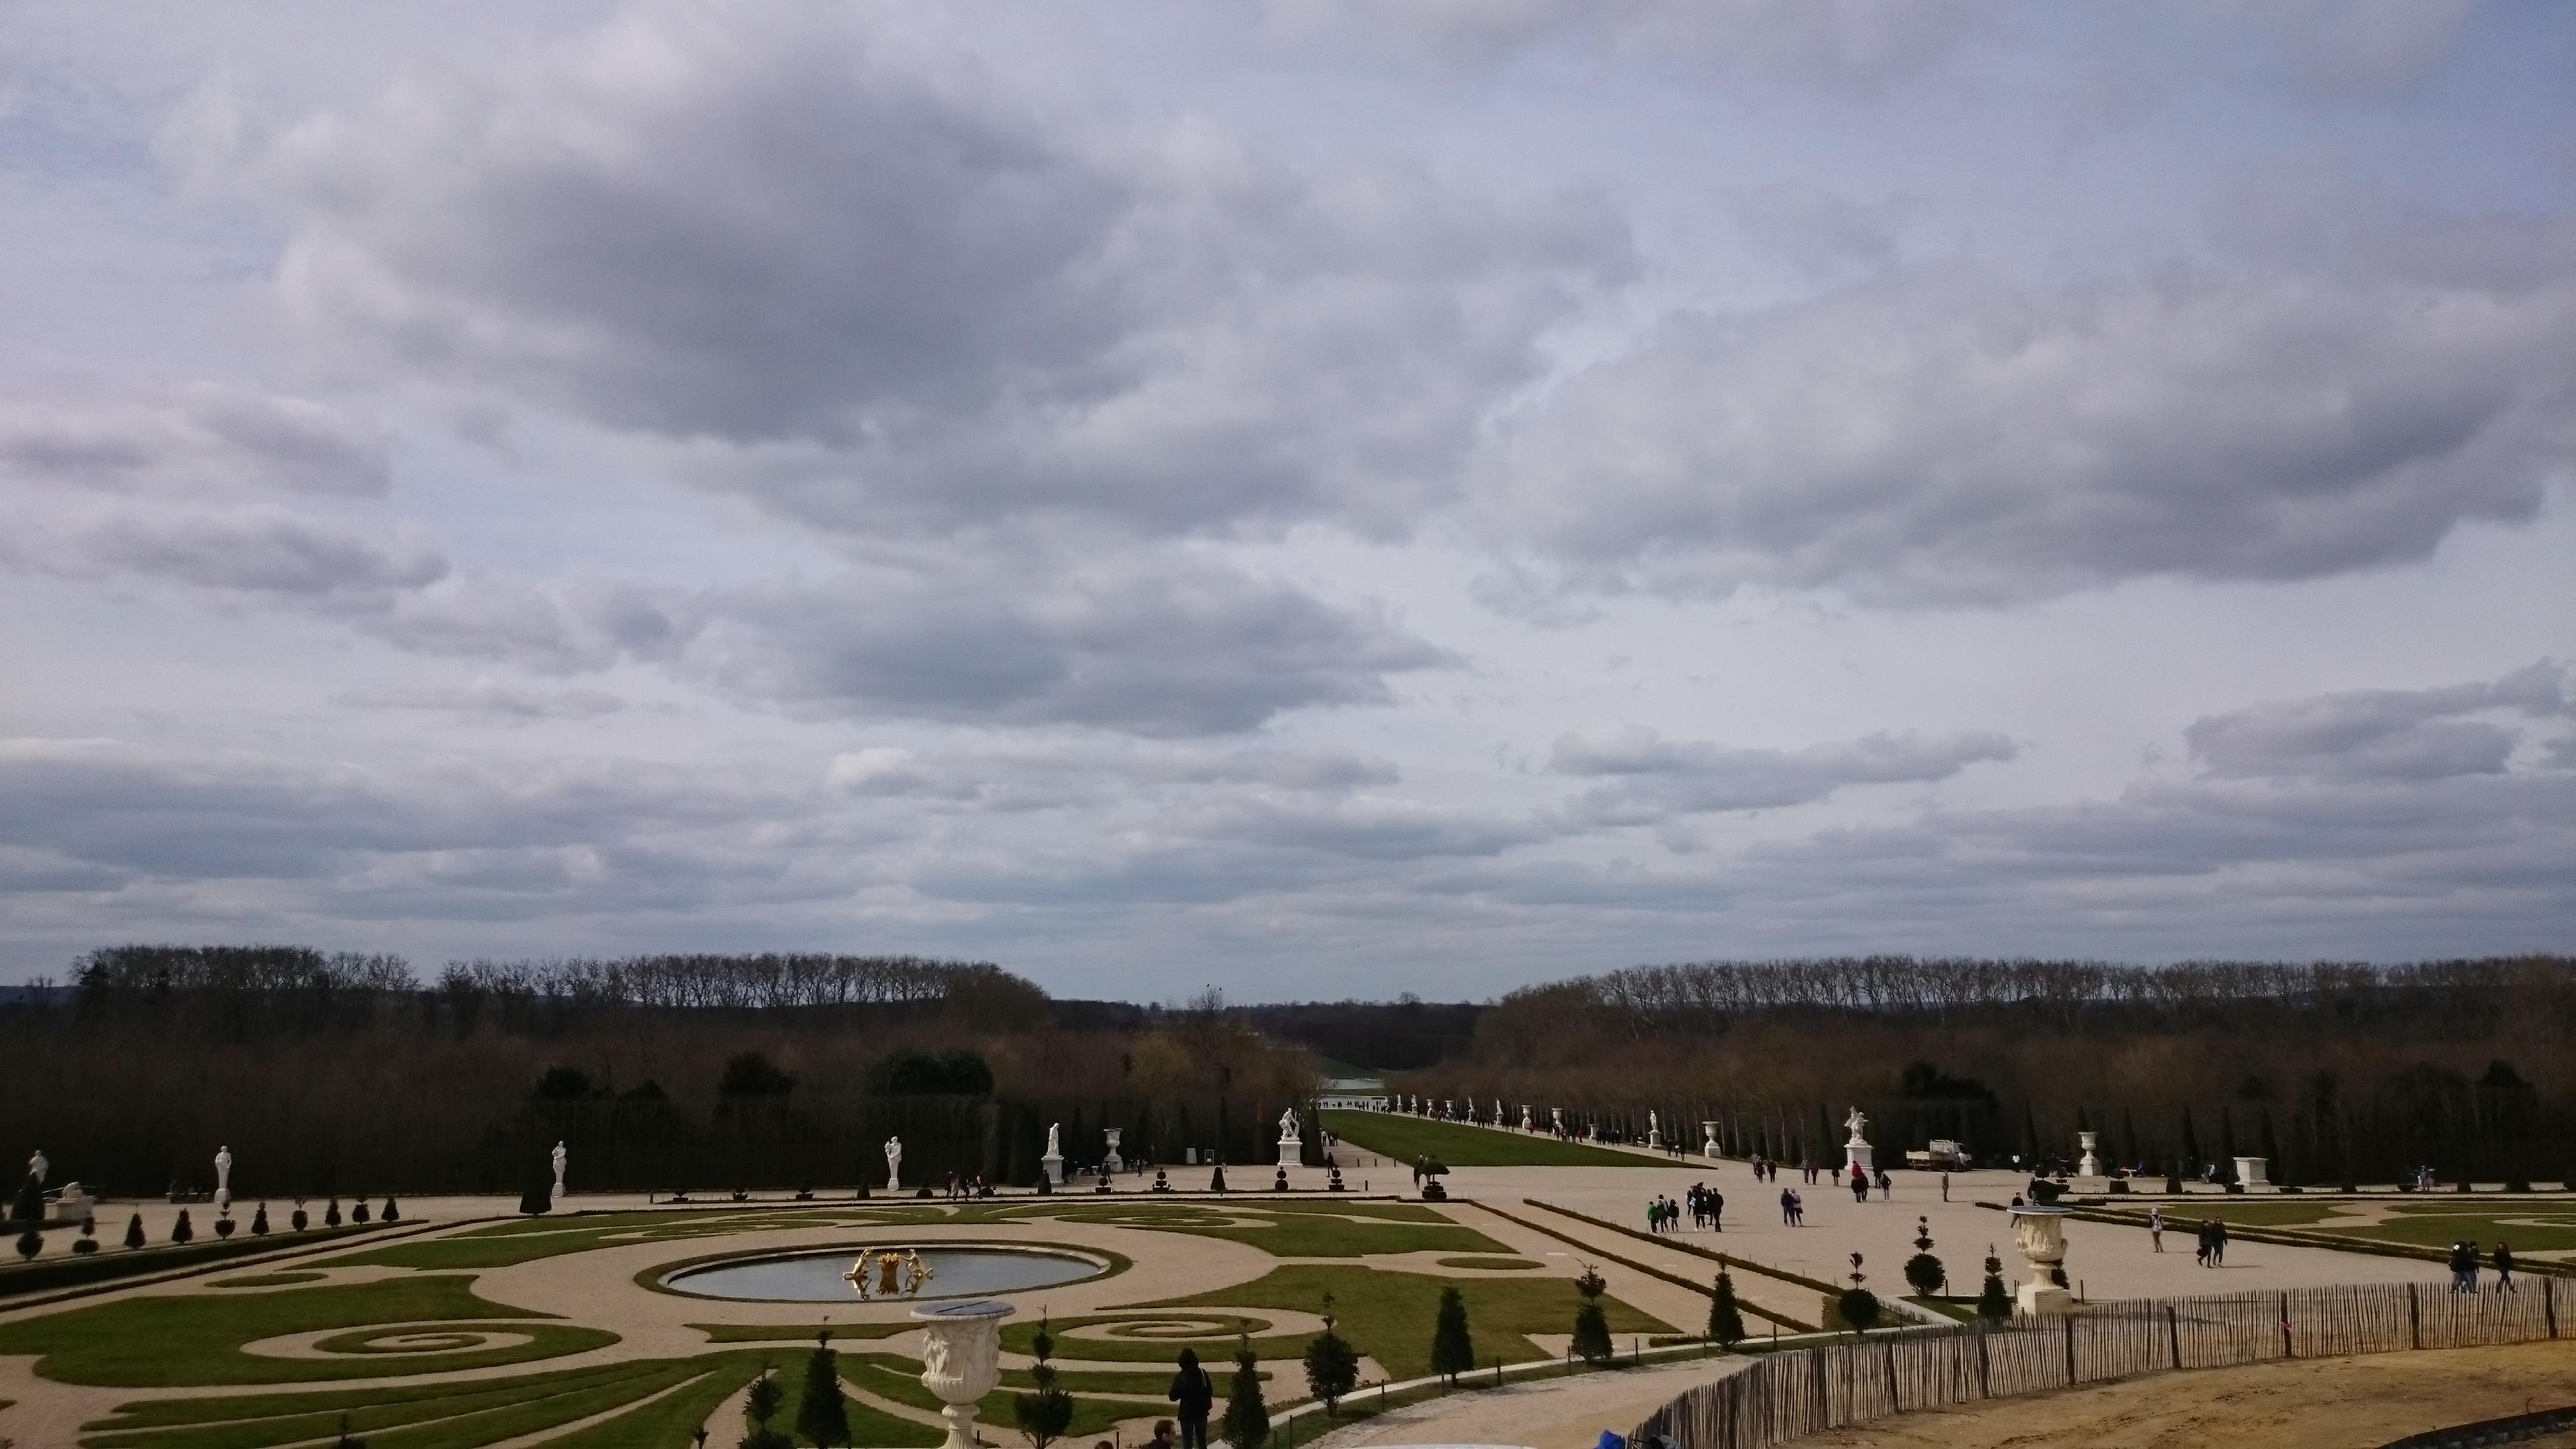 dsc 1304 - Visita al Palacio de Versalles: Como ir, cuanto cuesta y tips I/III